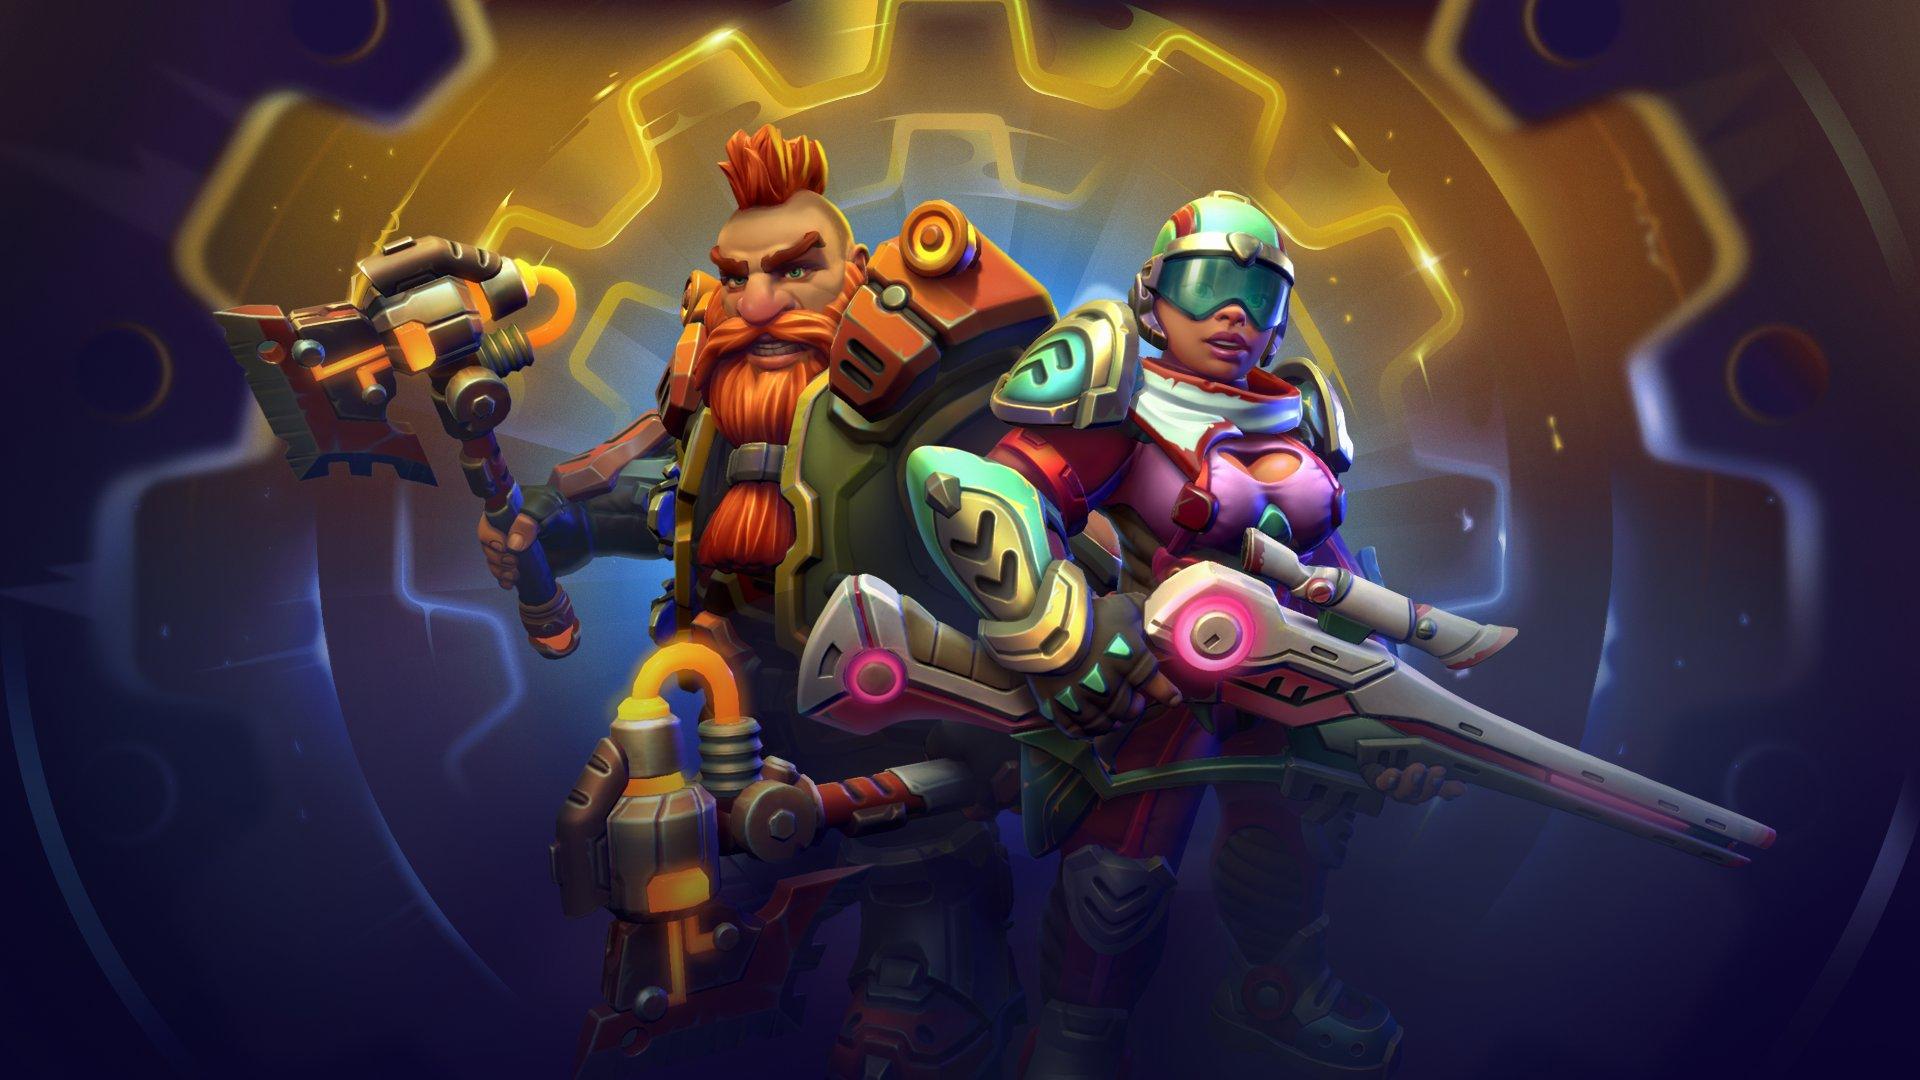 Corepunk svelato il Mercenario e le sue specializzazioni nuovo eroe closed beta a primavera Corepunk MMORPG